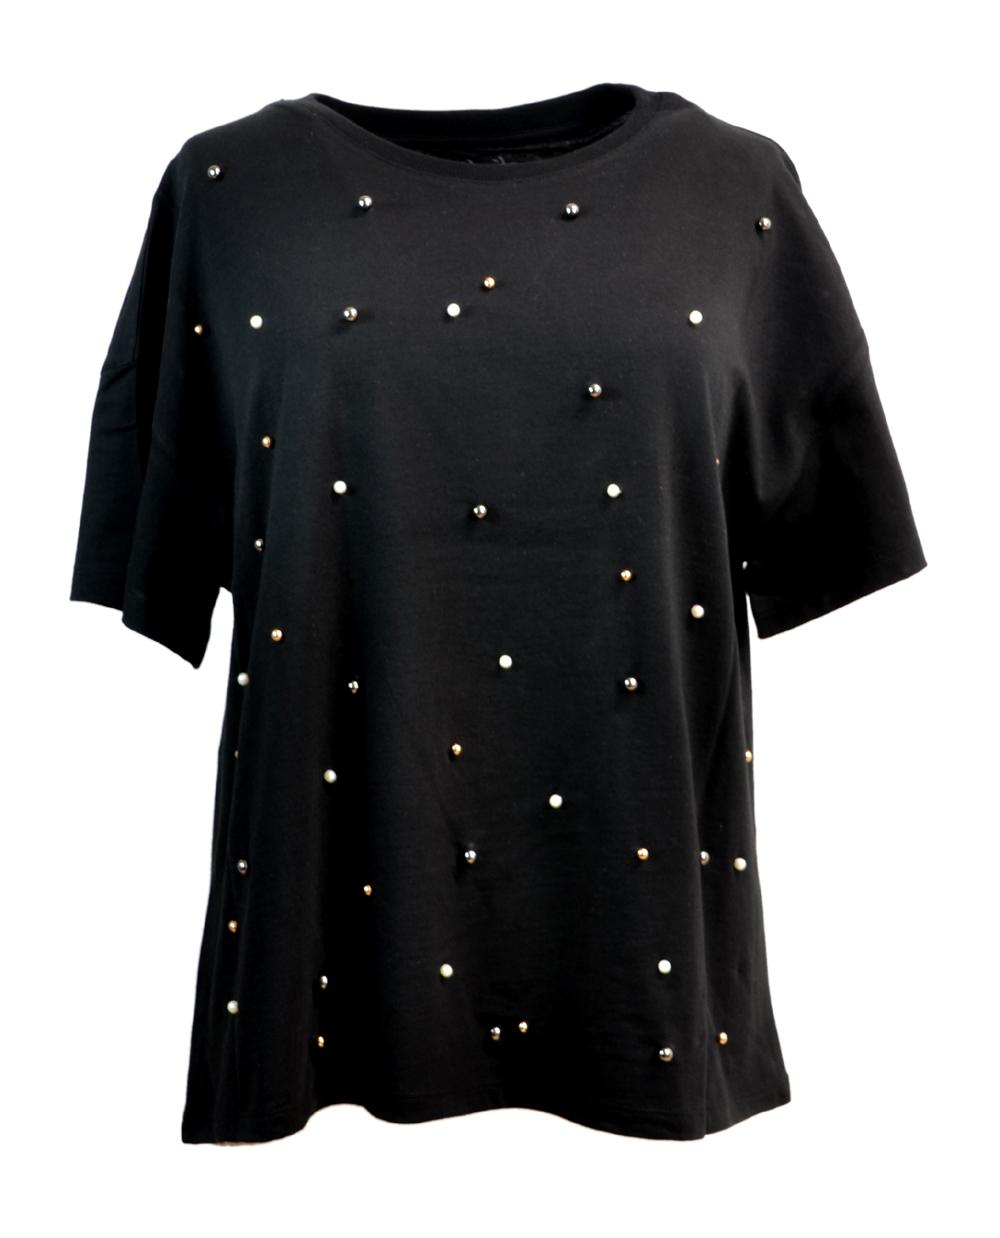 ajlajk-T875-svart-pärlor